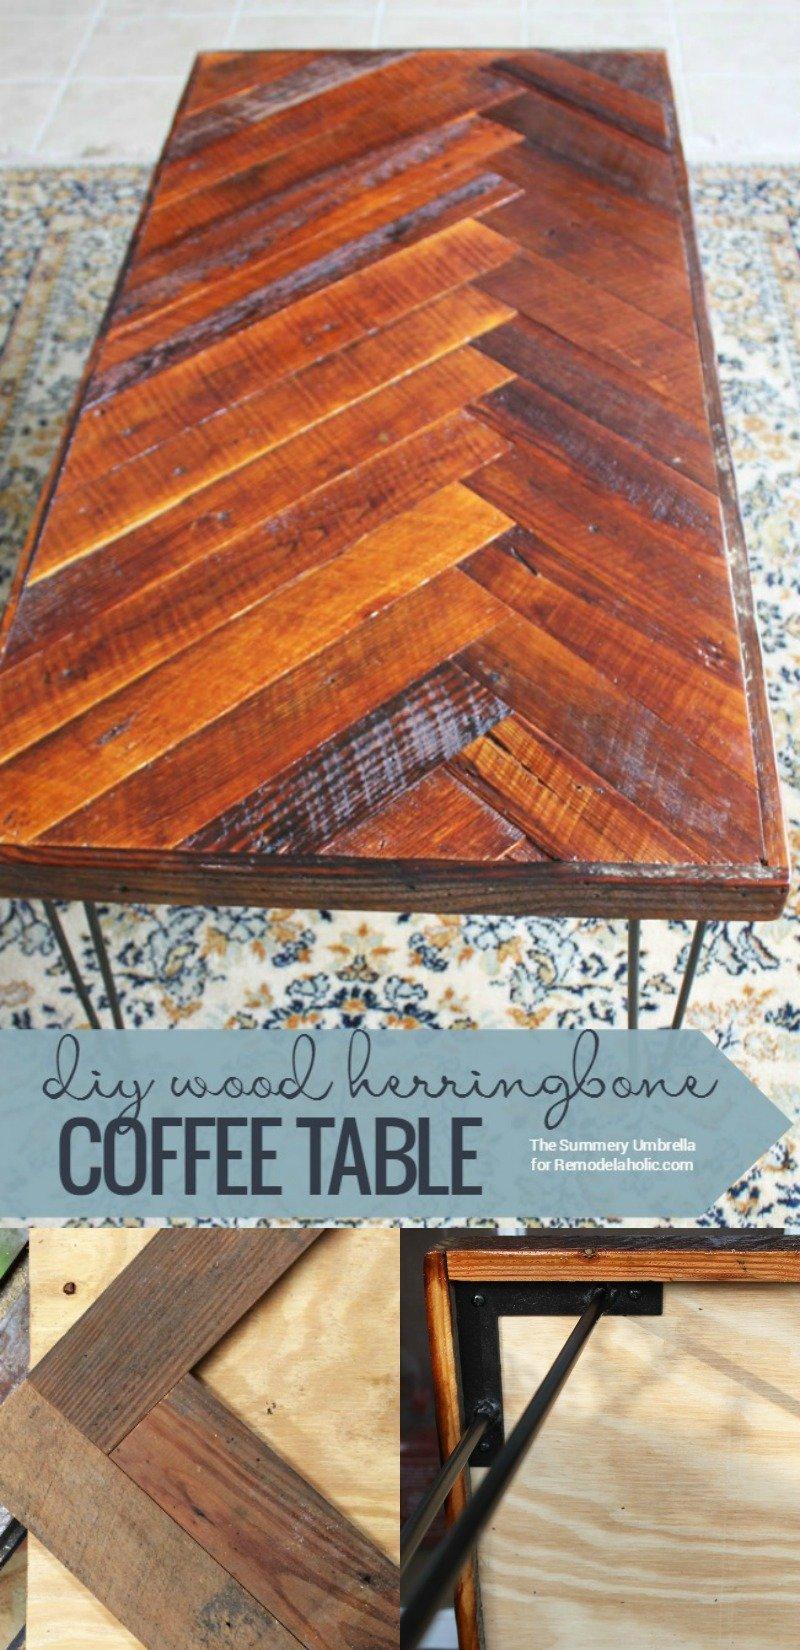 DIY Wood Herringbone Coffee Table with Hairpin Legs | Remodelaholic ...